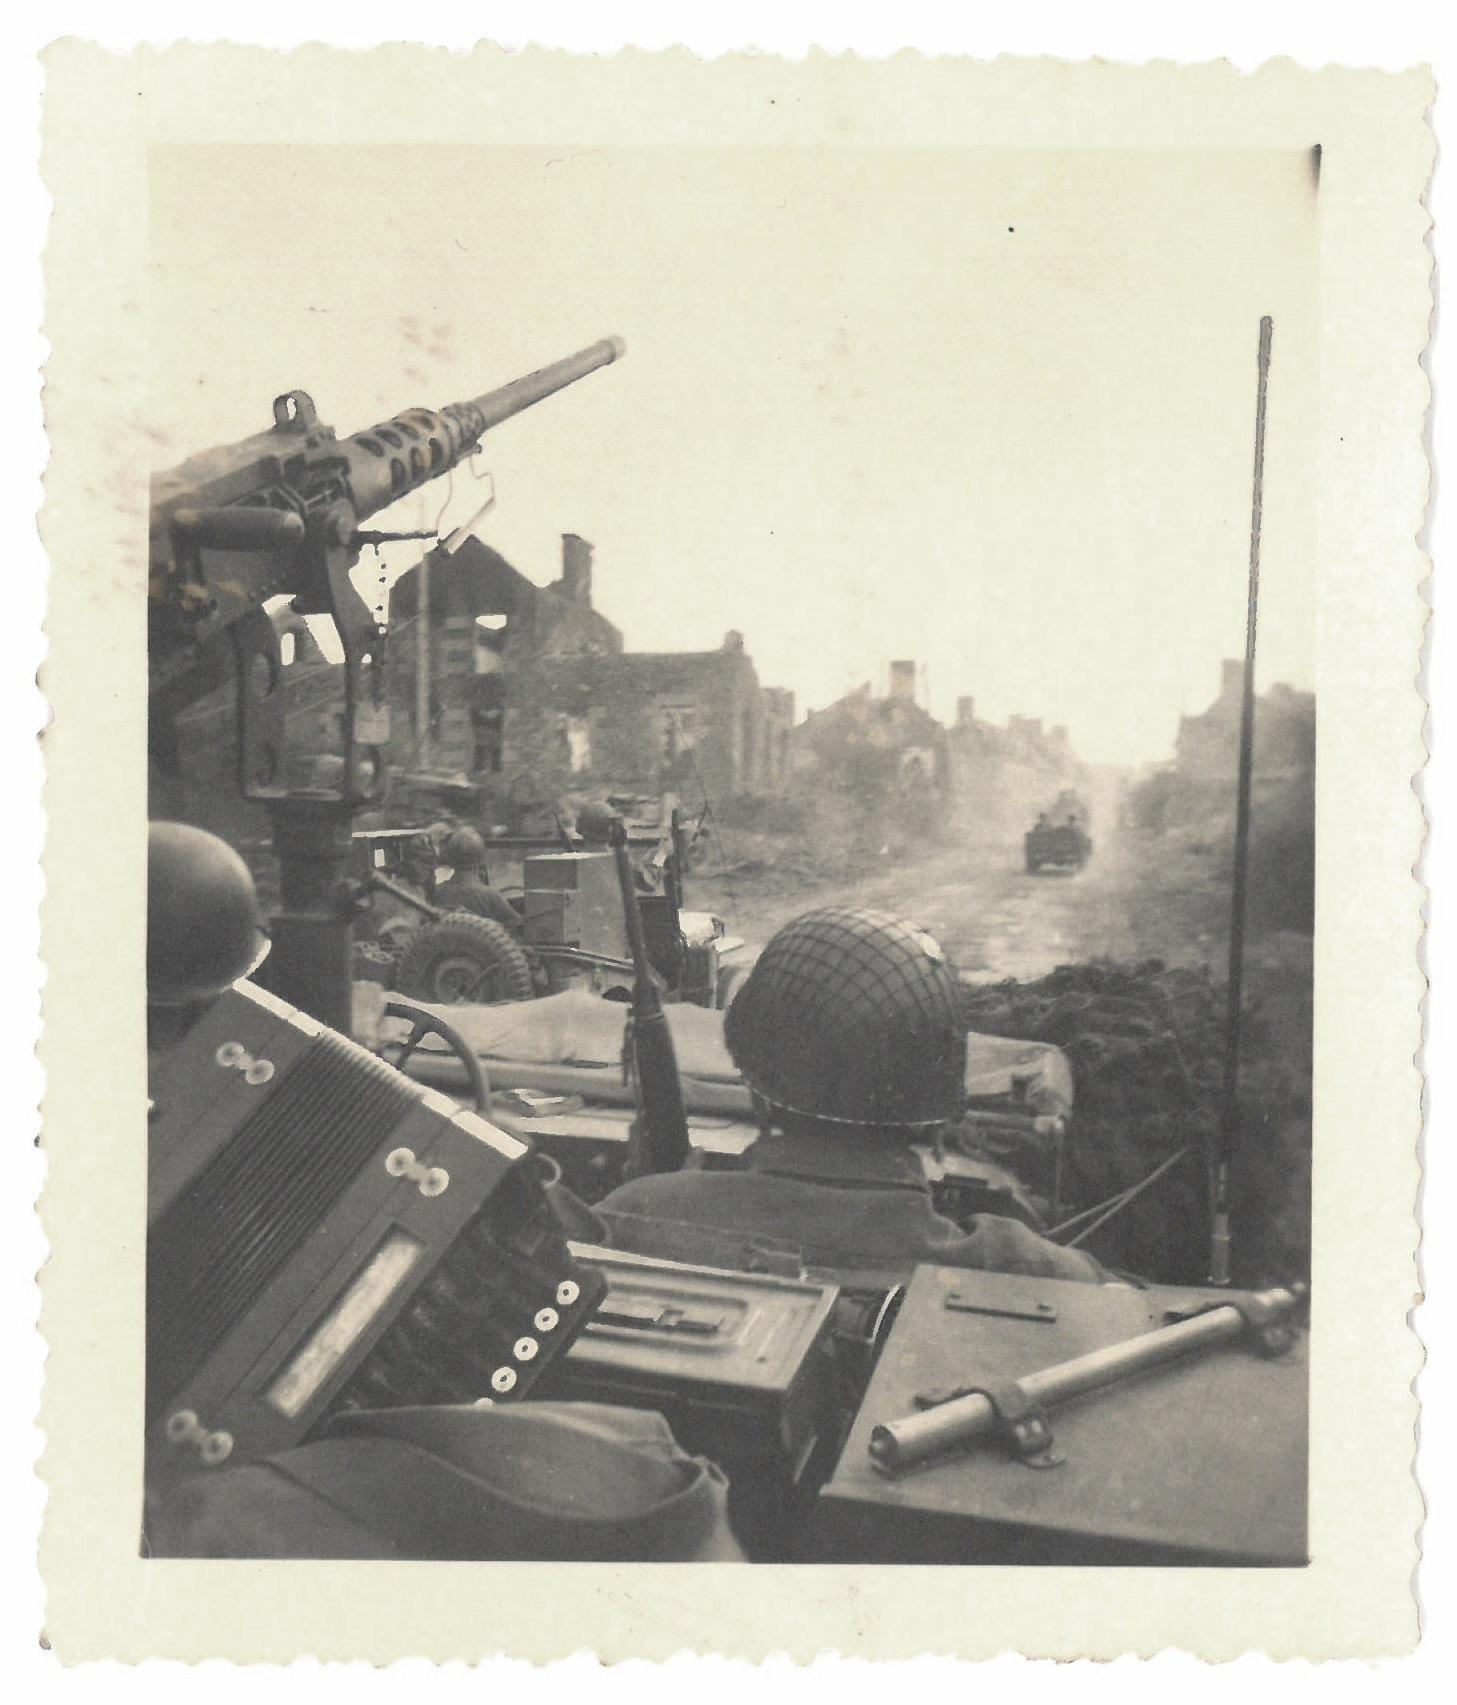 1945 'Near Ubach Germany'